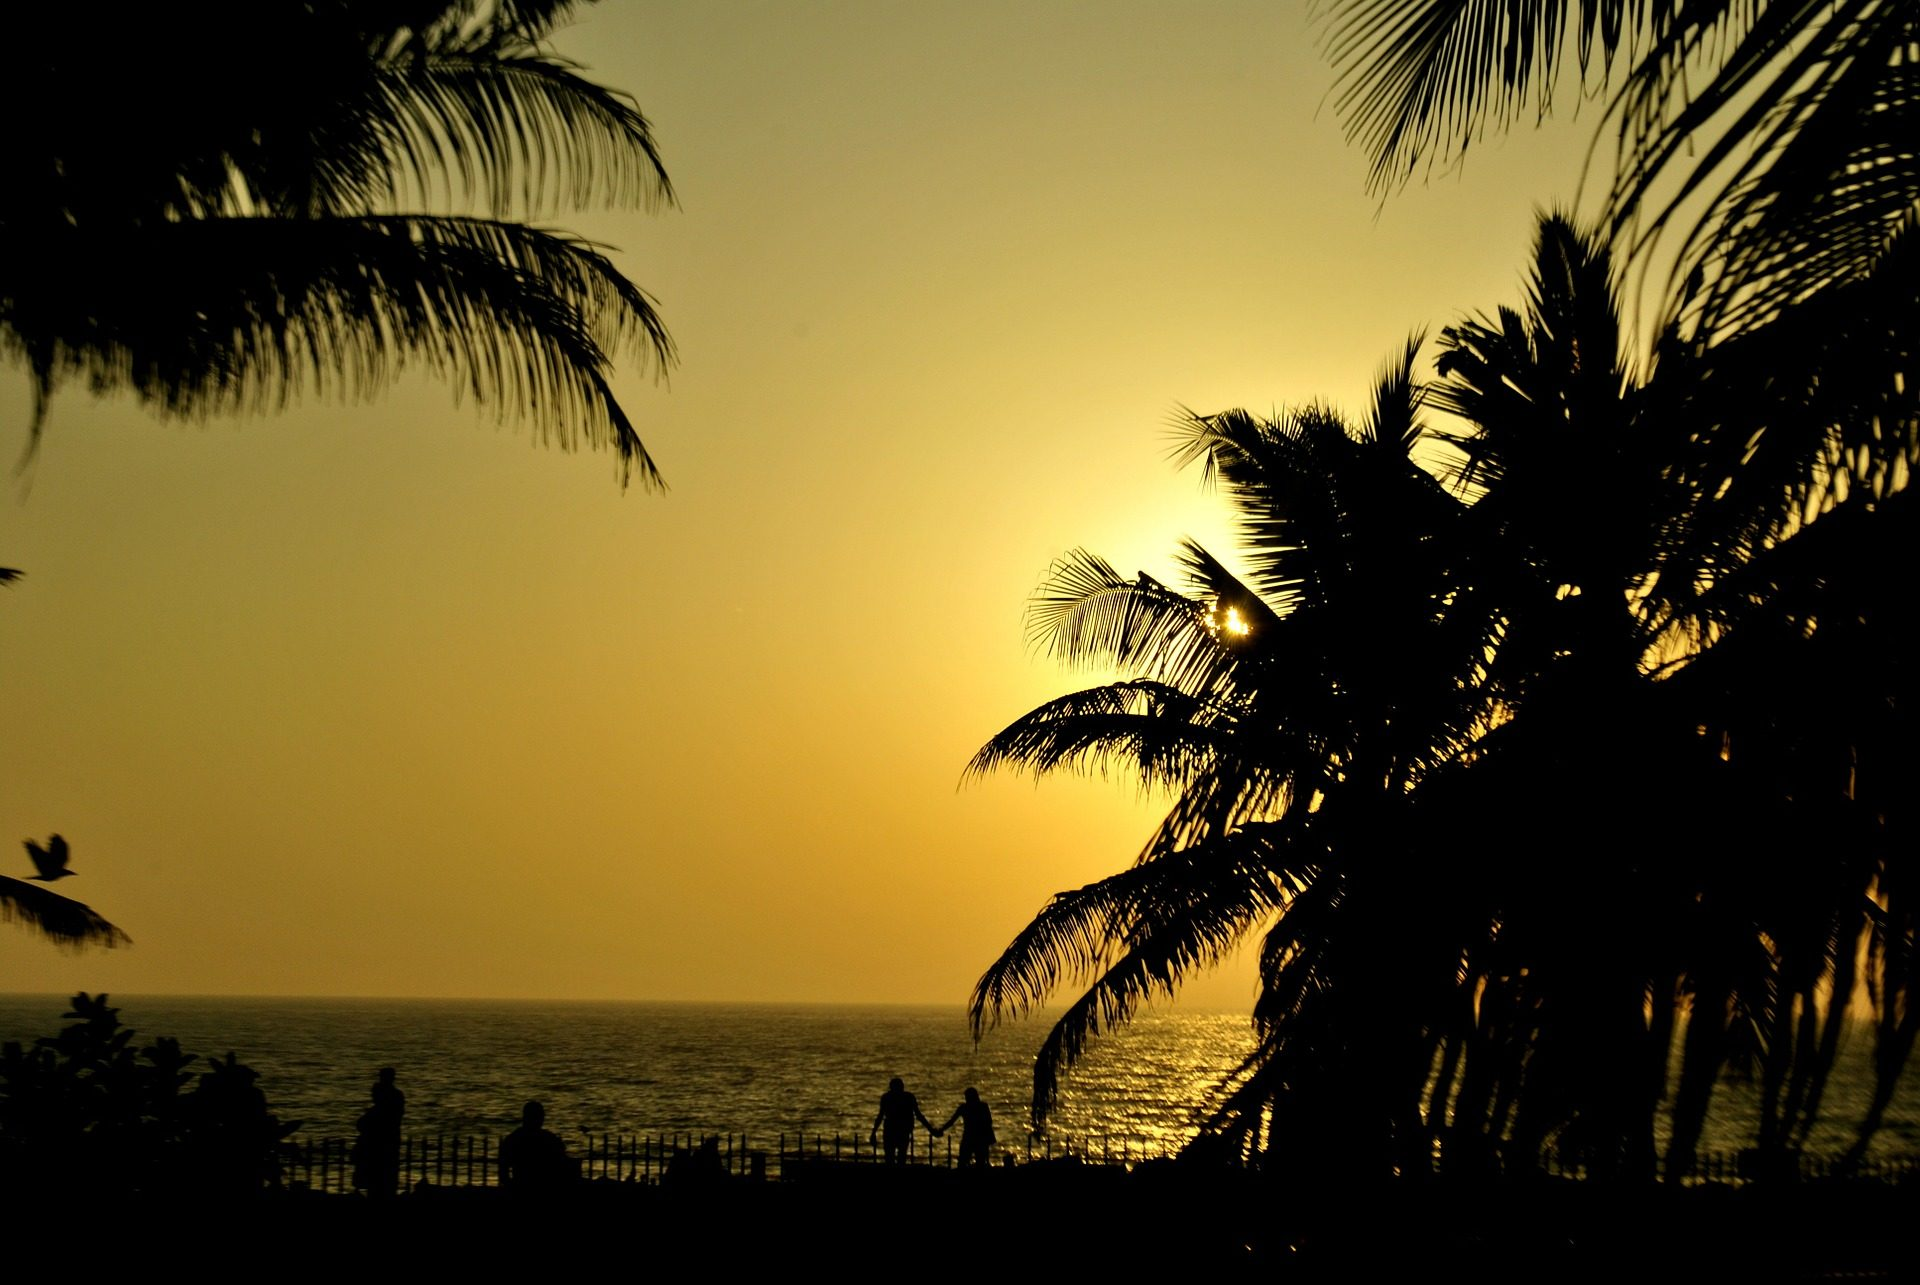 Meer, Ozean, Palmen, Sonnenuntergang, Silhouetten, Menschen - Wallpaper HD - Prof.-falken.com